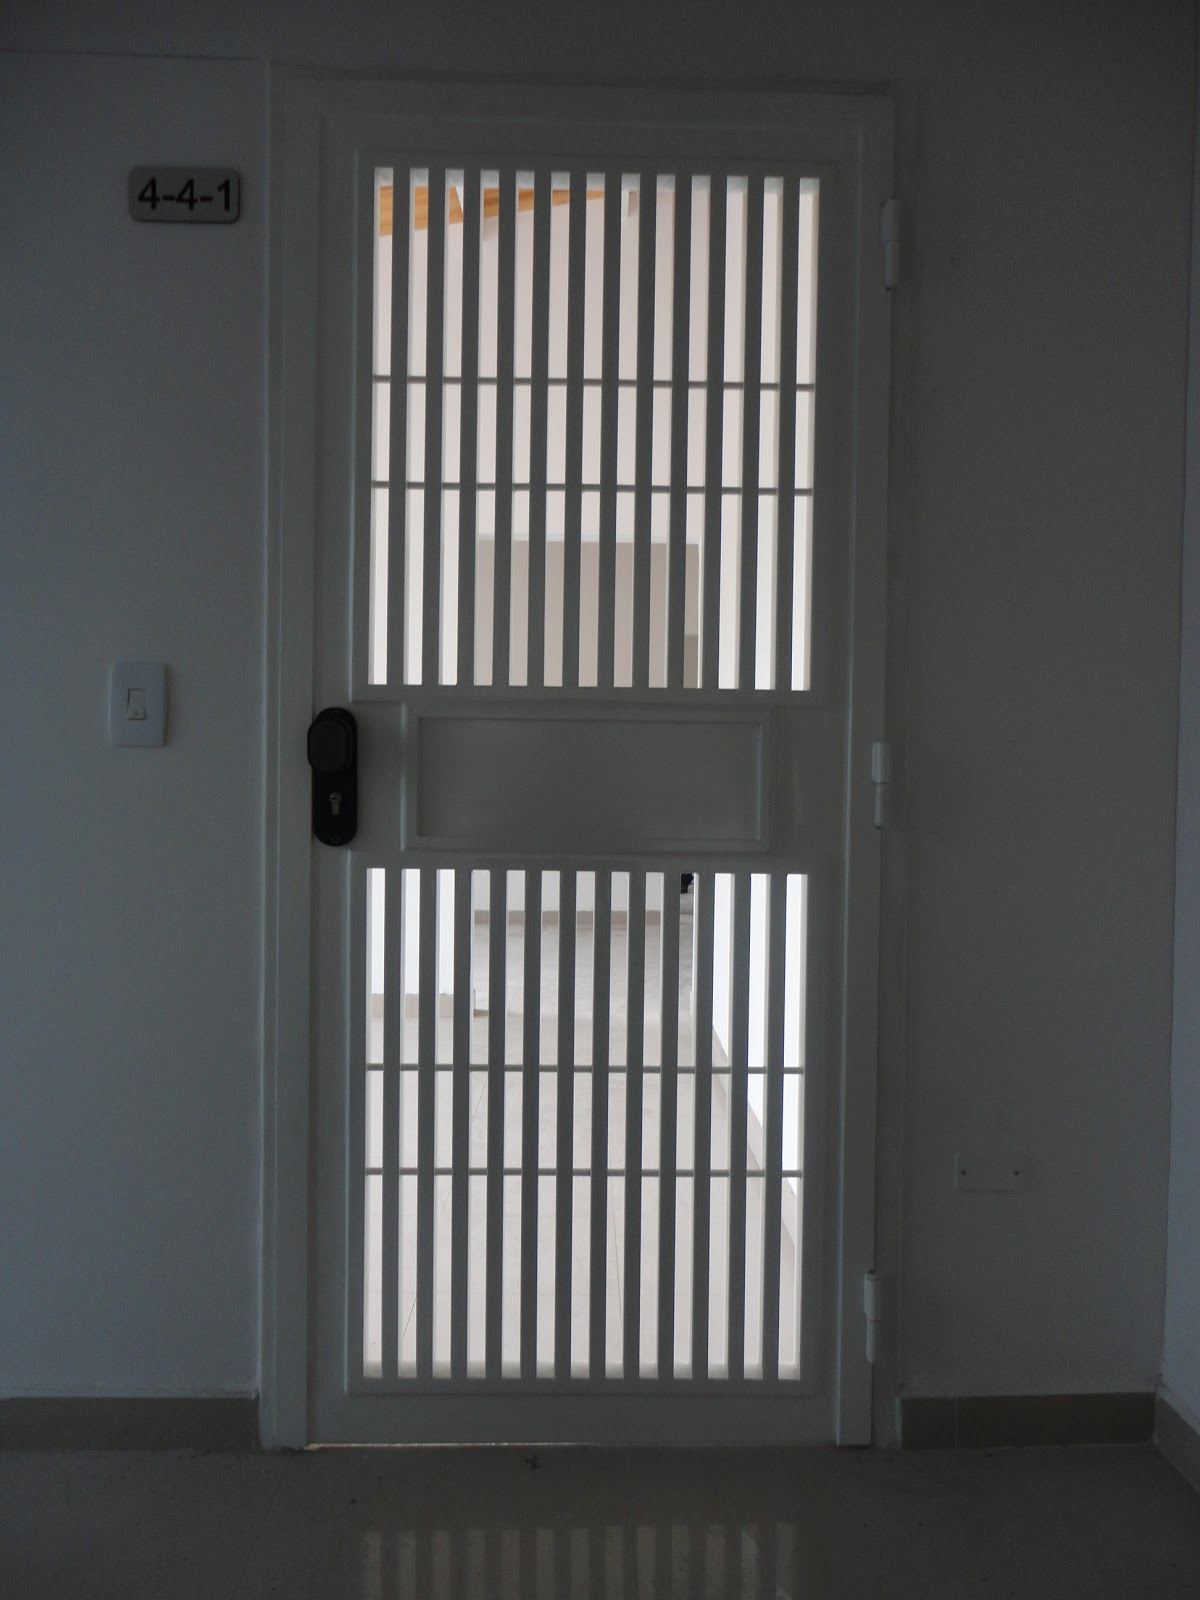 Rejas de seguridad para puertas cool rejas de seguridad for Puertas de reja